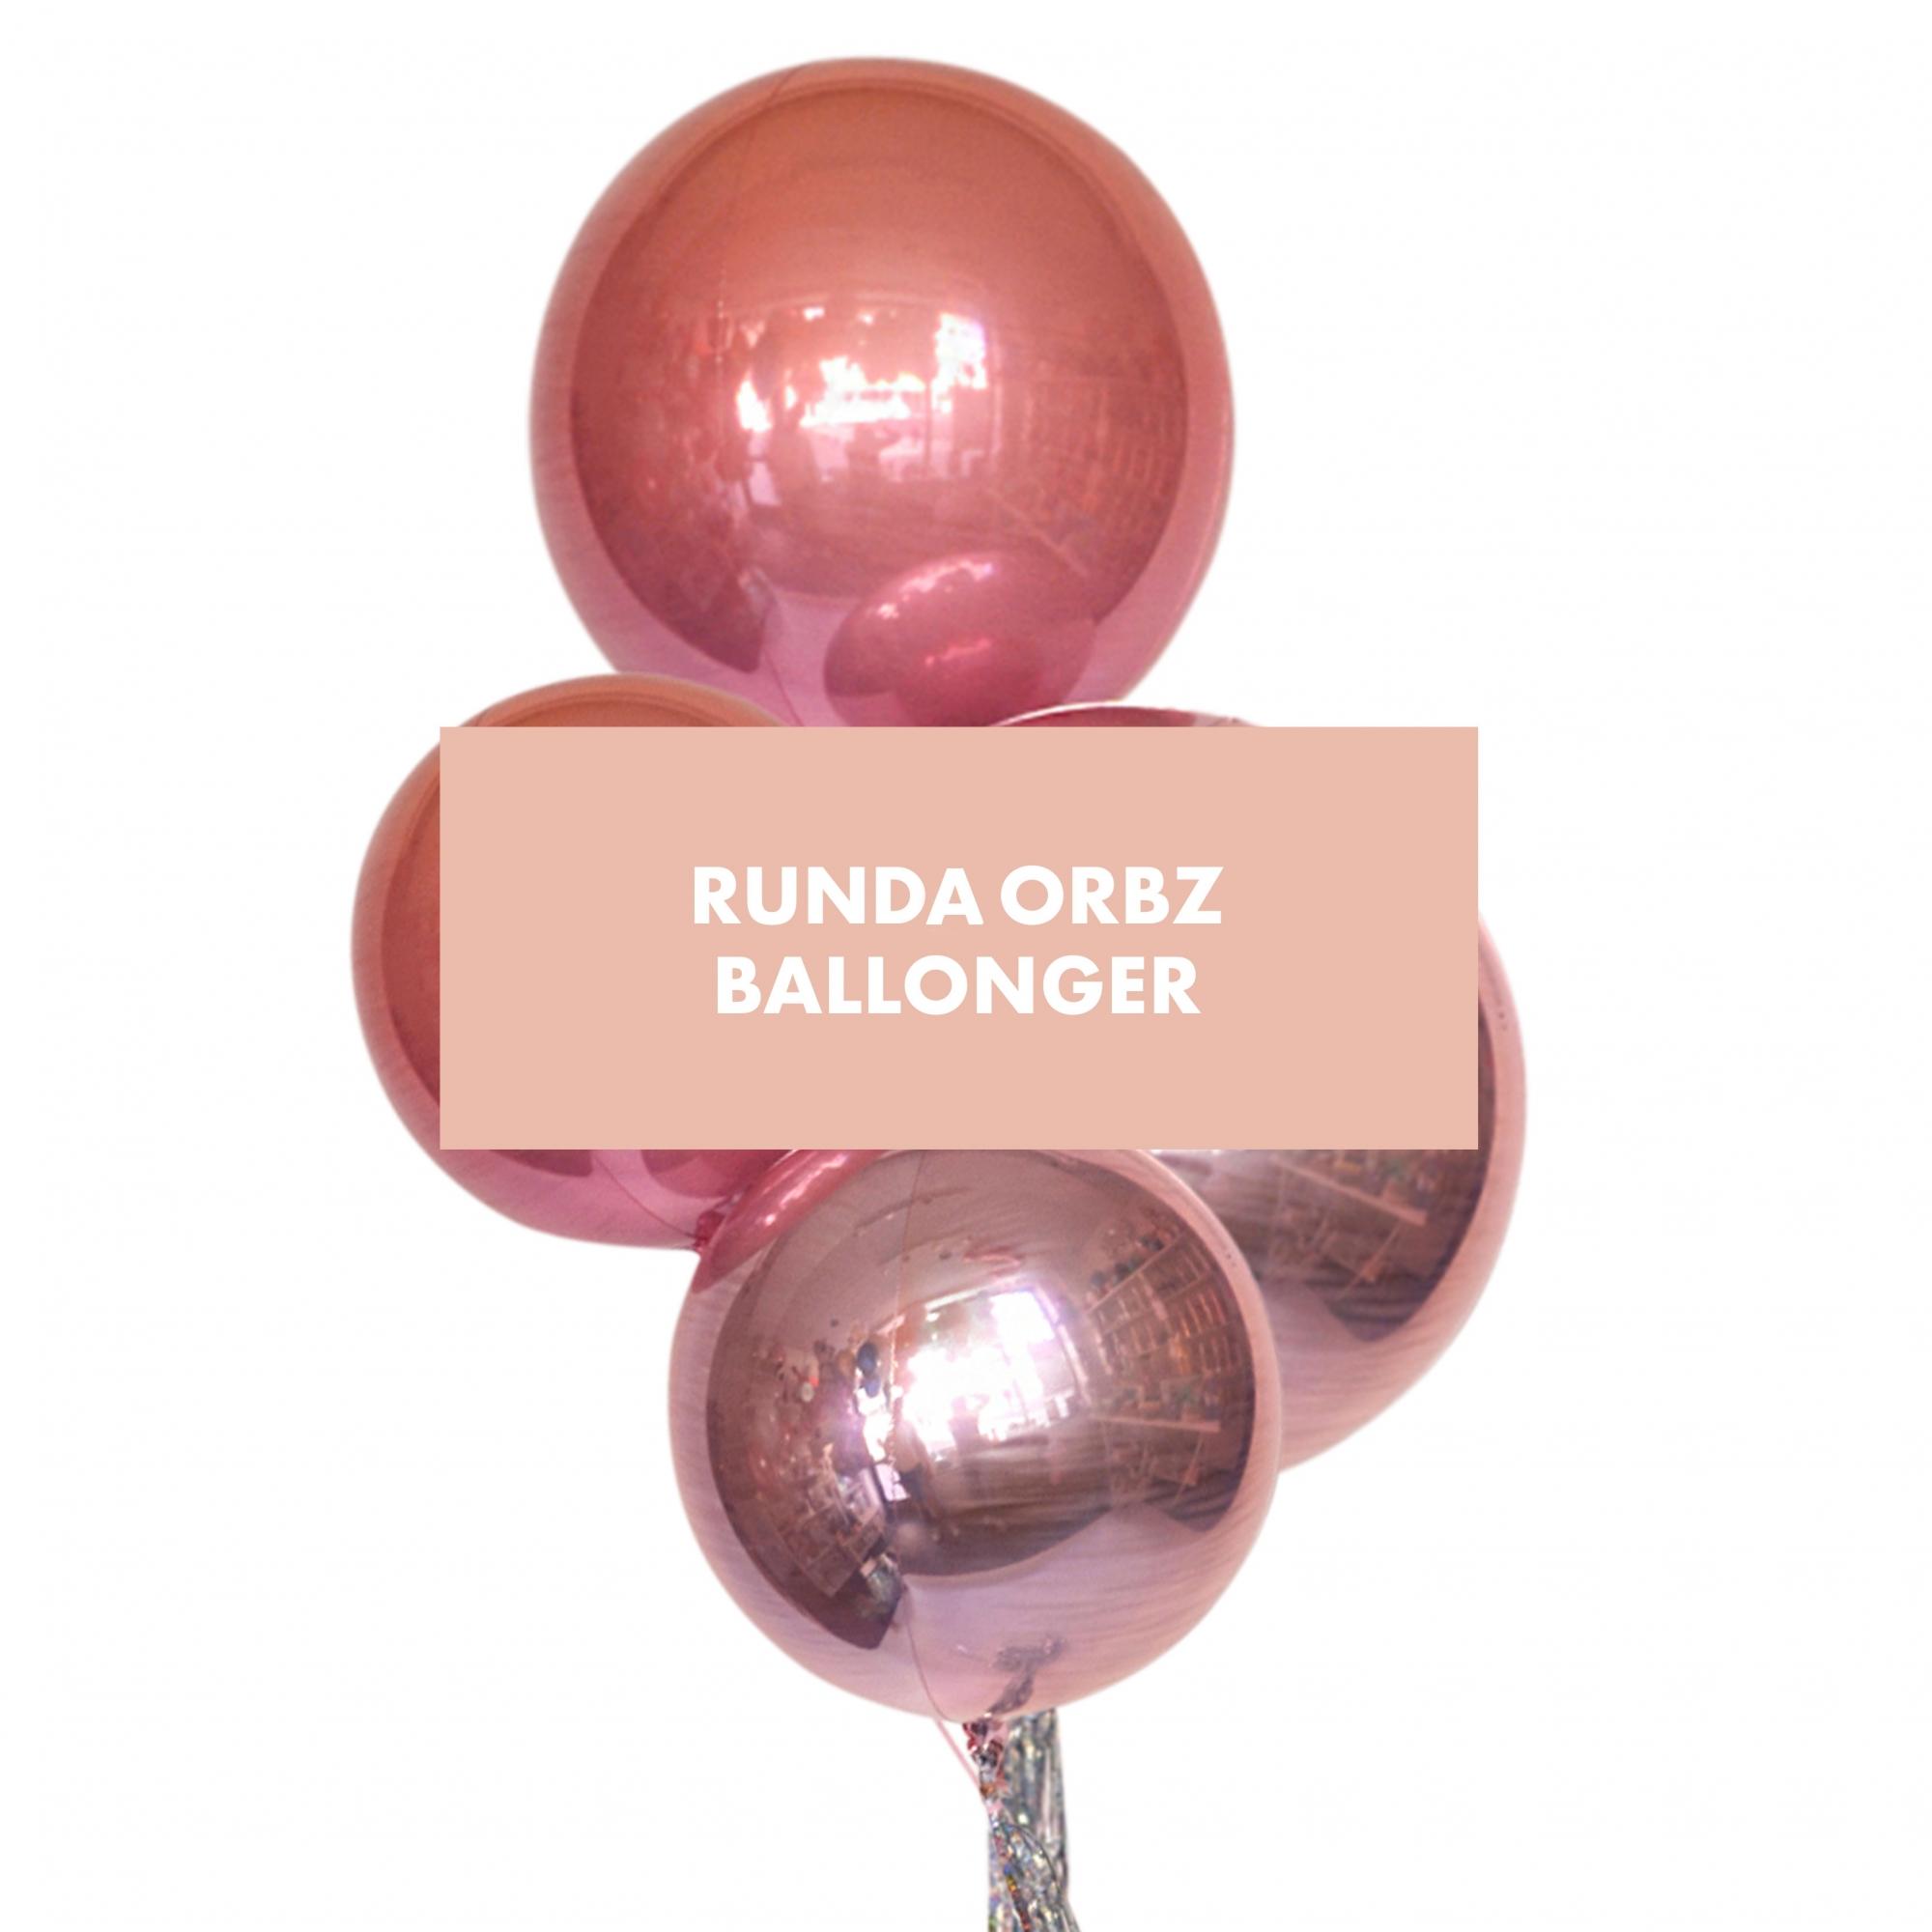 Runda Orbz ballonger - Theo & jag